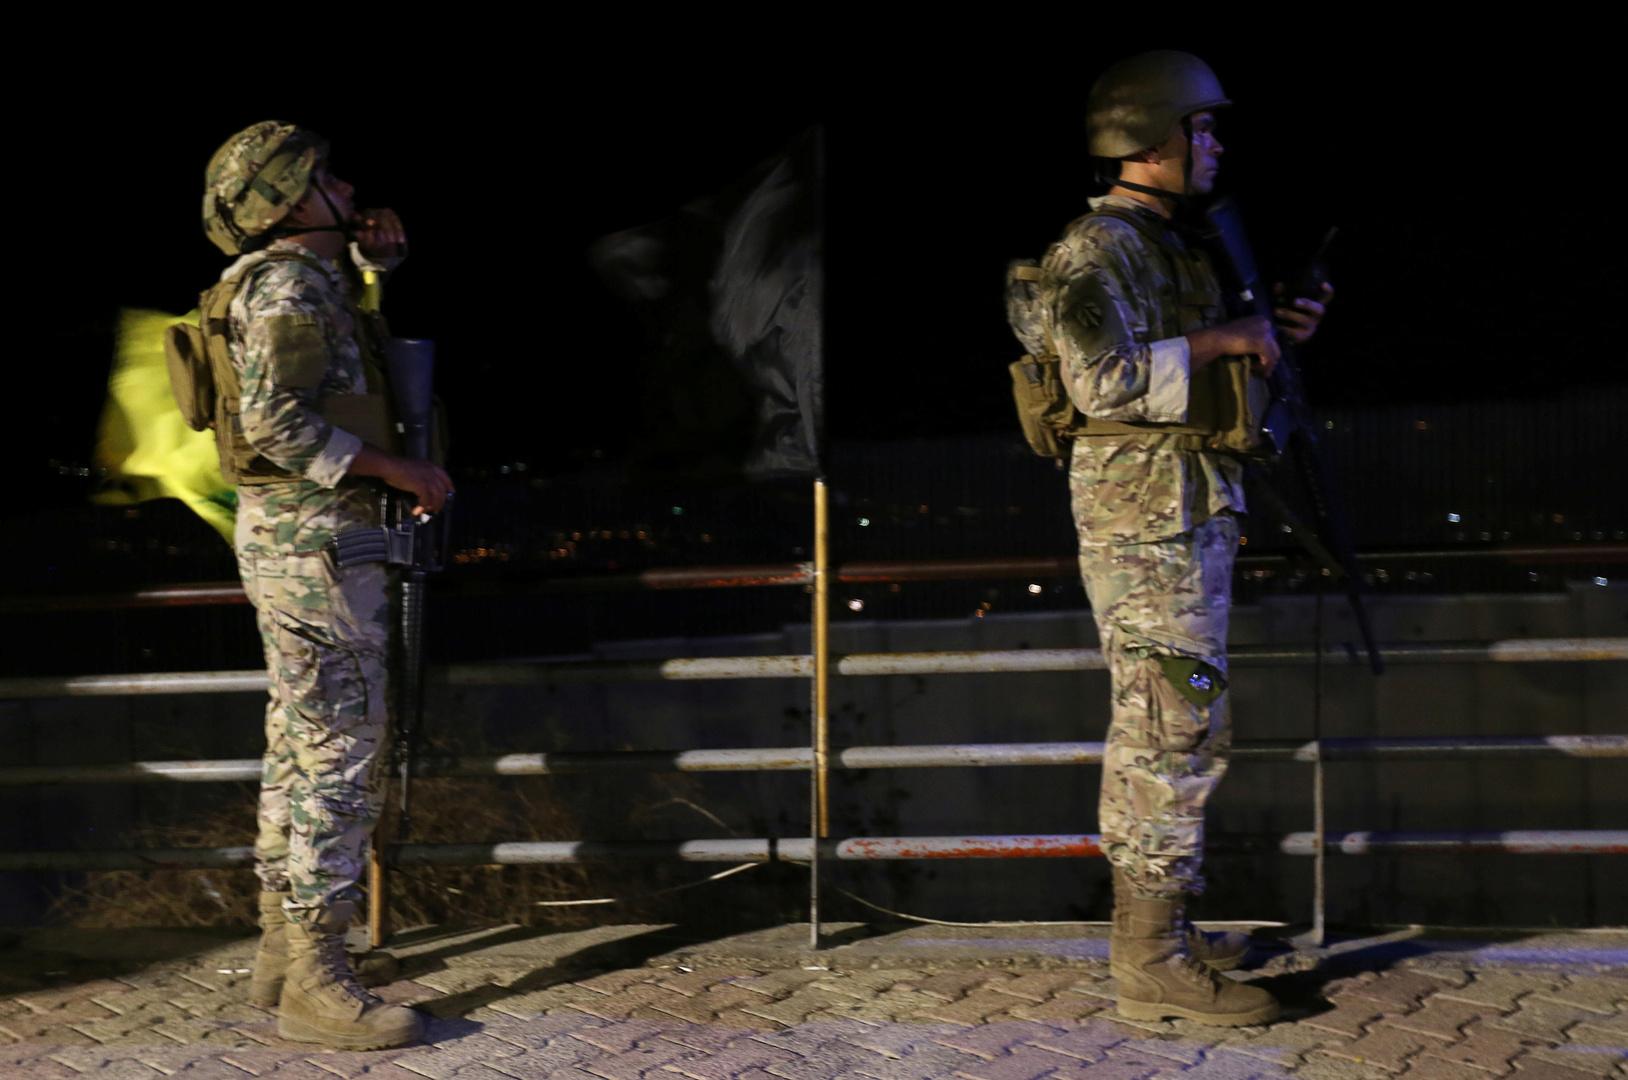 الجيش الإسرائيلي يعتقل 3 أشخاص حاولوا التسلل من الحدود اللبنانبة ليلا